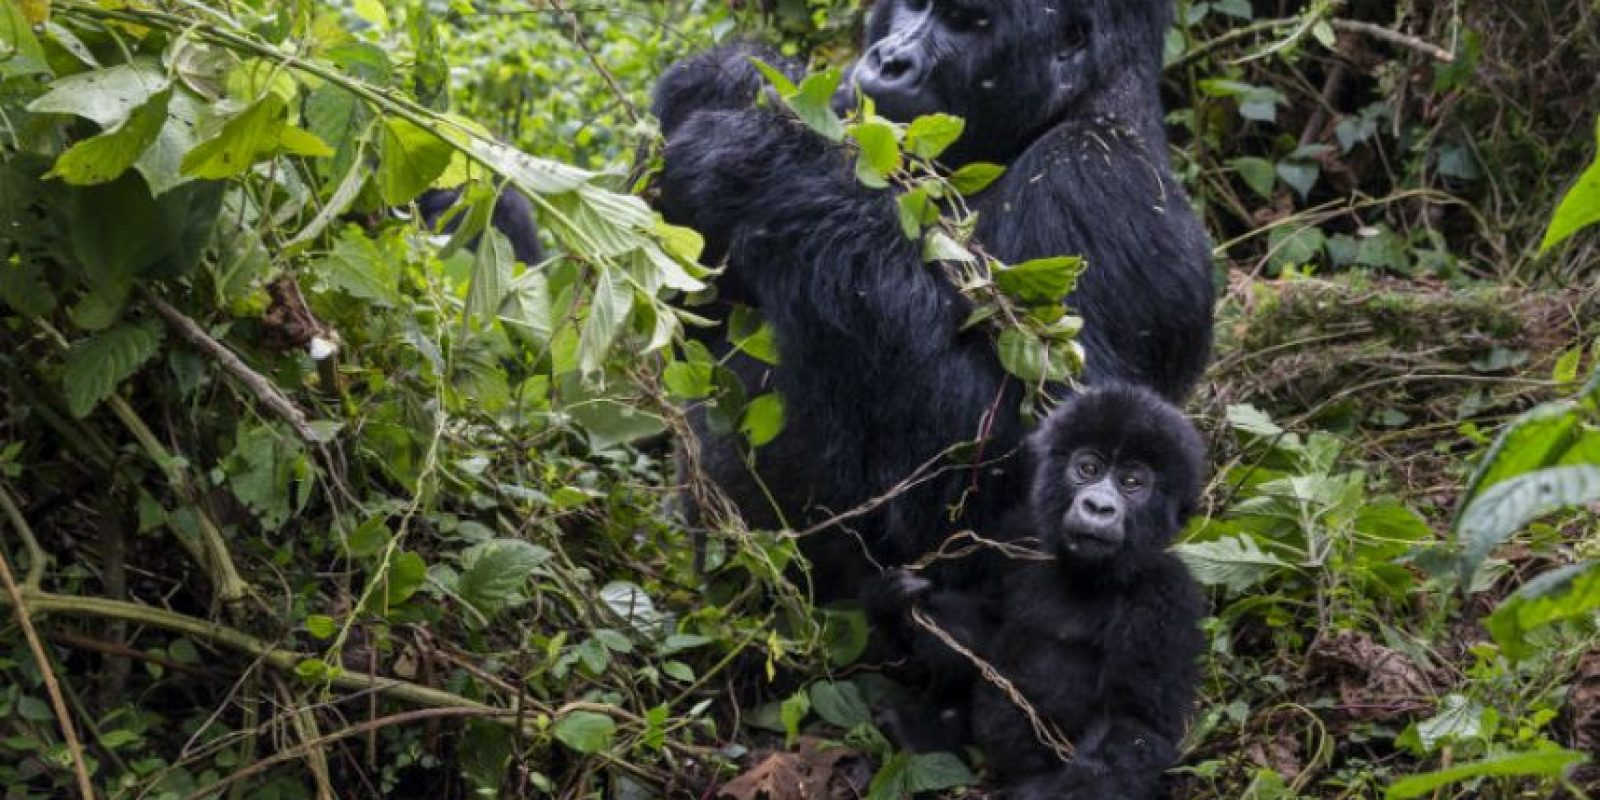 Miembros del Parque Nacional de Virunga intentan proteger a los gorilas de la cacería ilegal. Foto:Getty Images